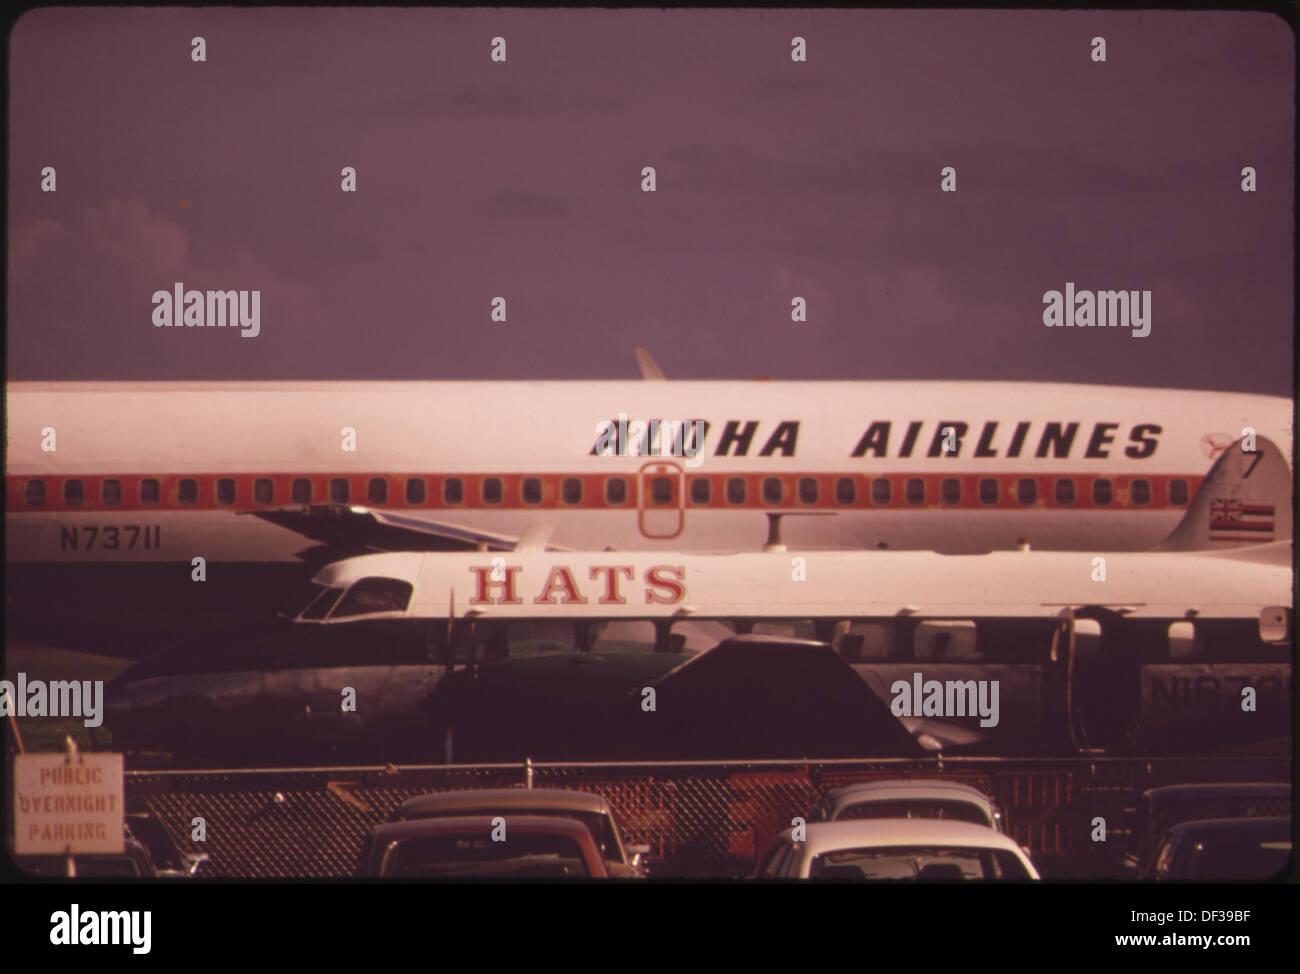 ALOHA AIRLINES EN UNA DE LAS DOS PRINCIPALES LÍNEAS AÉREAS que conectan las islas. NO factible y rápido buque marítimo ha sido... 553961 Foto de stock